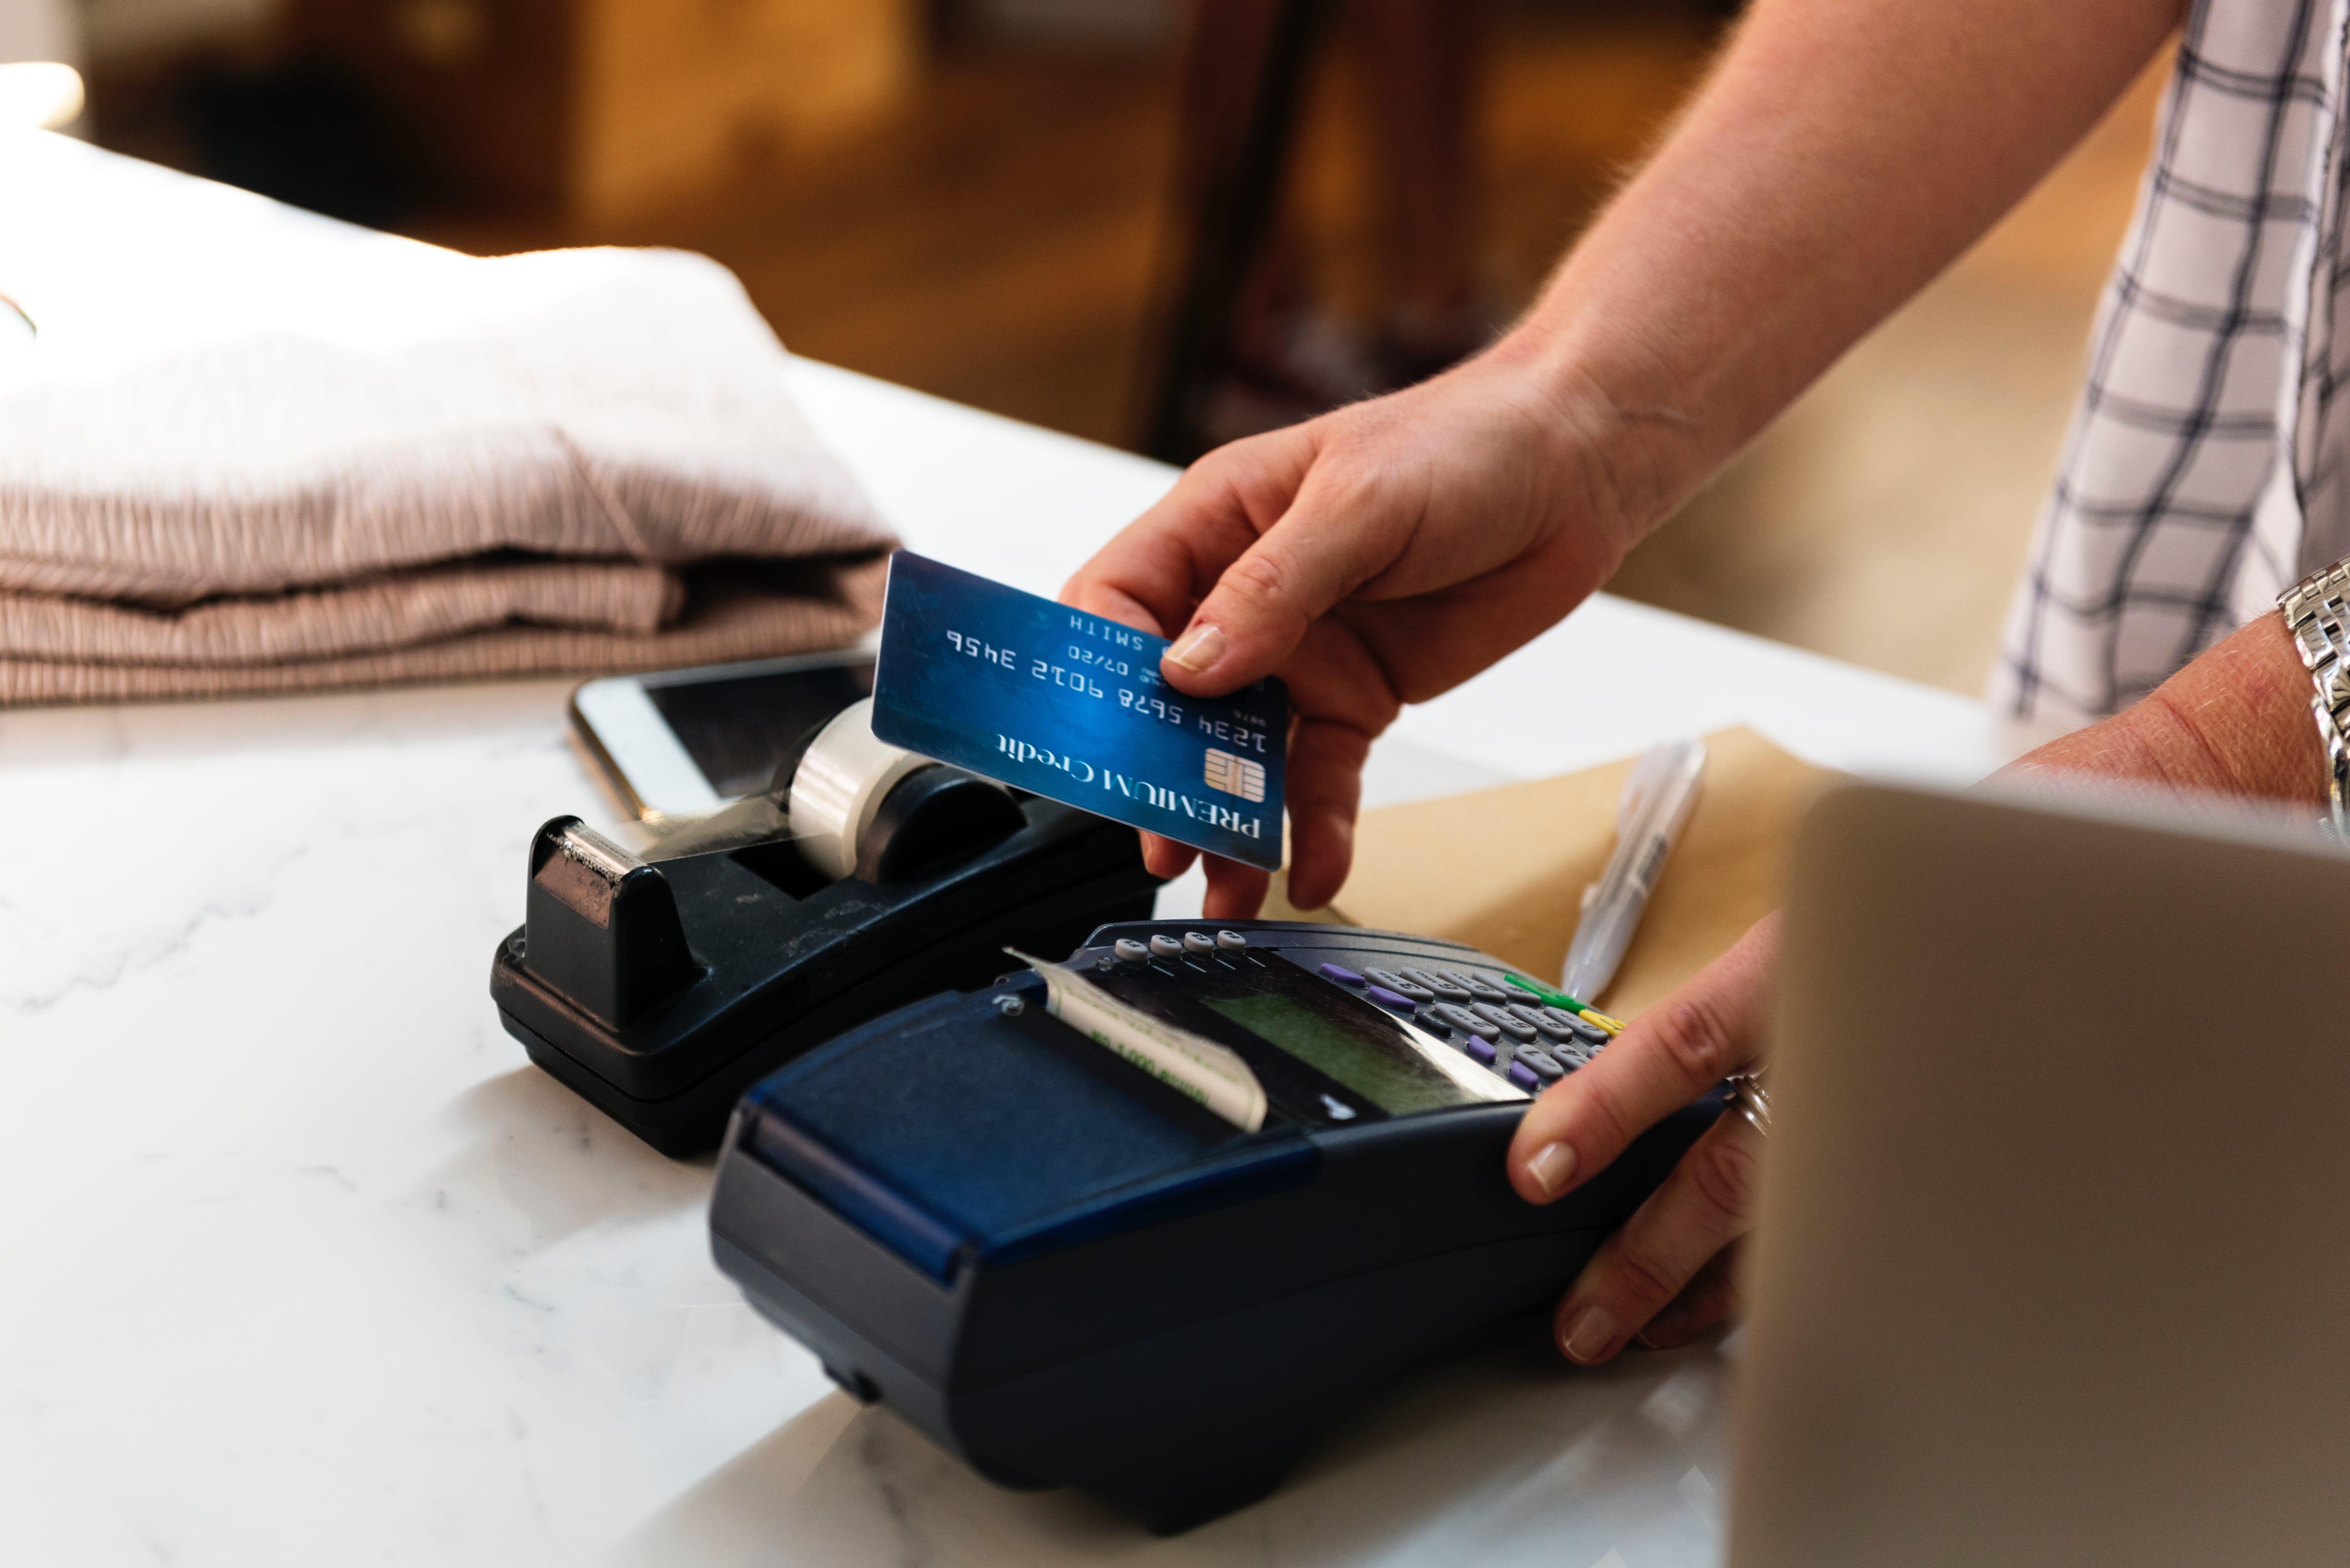 Pakai kartu kredit jangan sampai melebihi limit ya. (Pixabay)